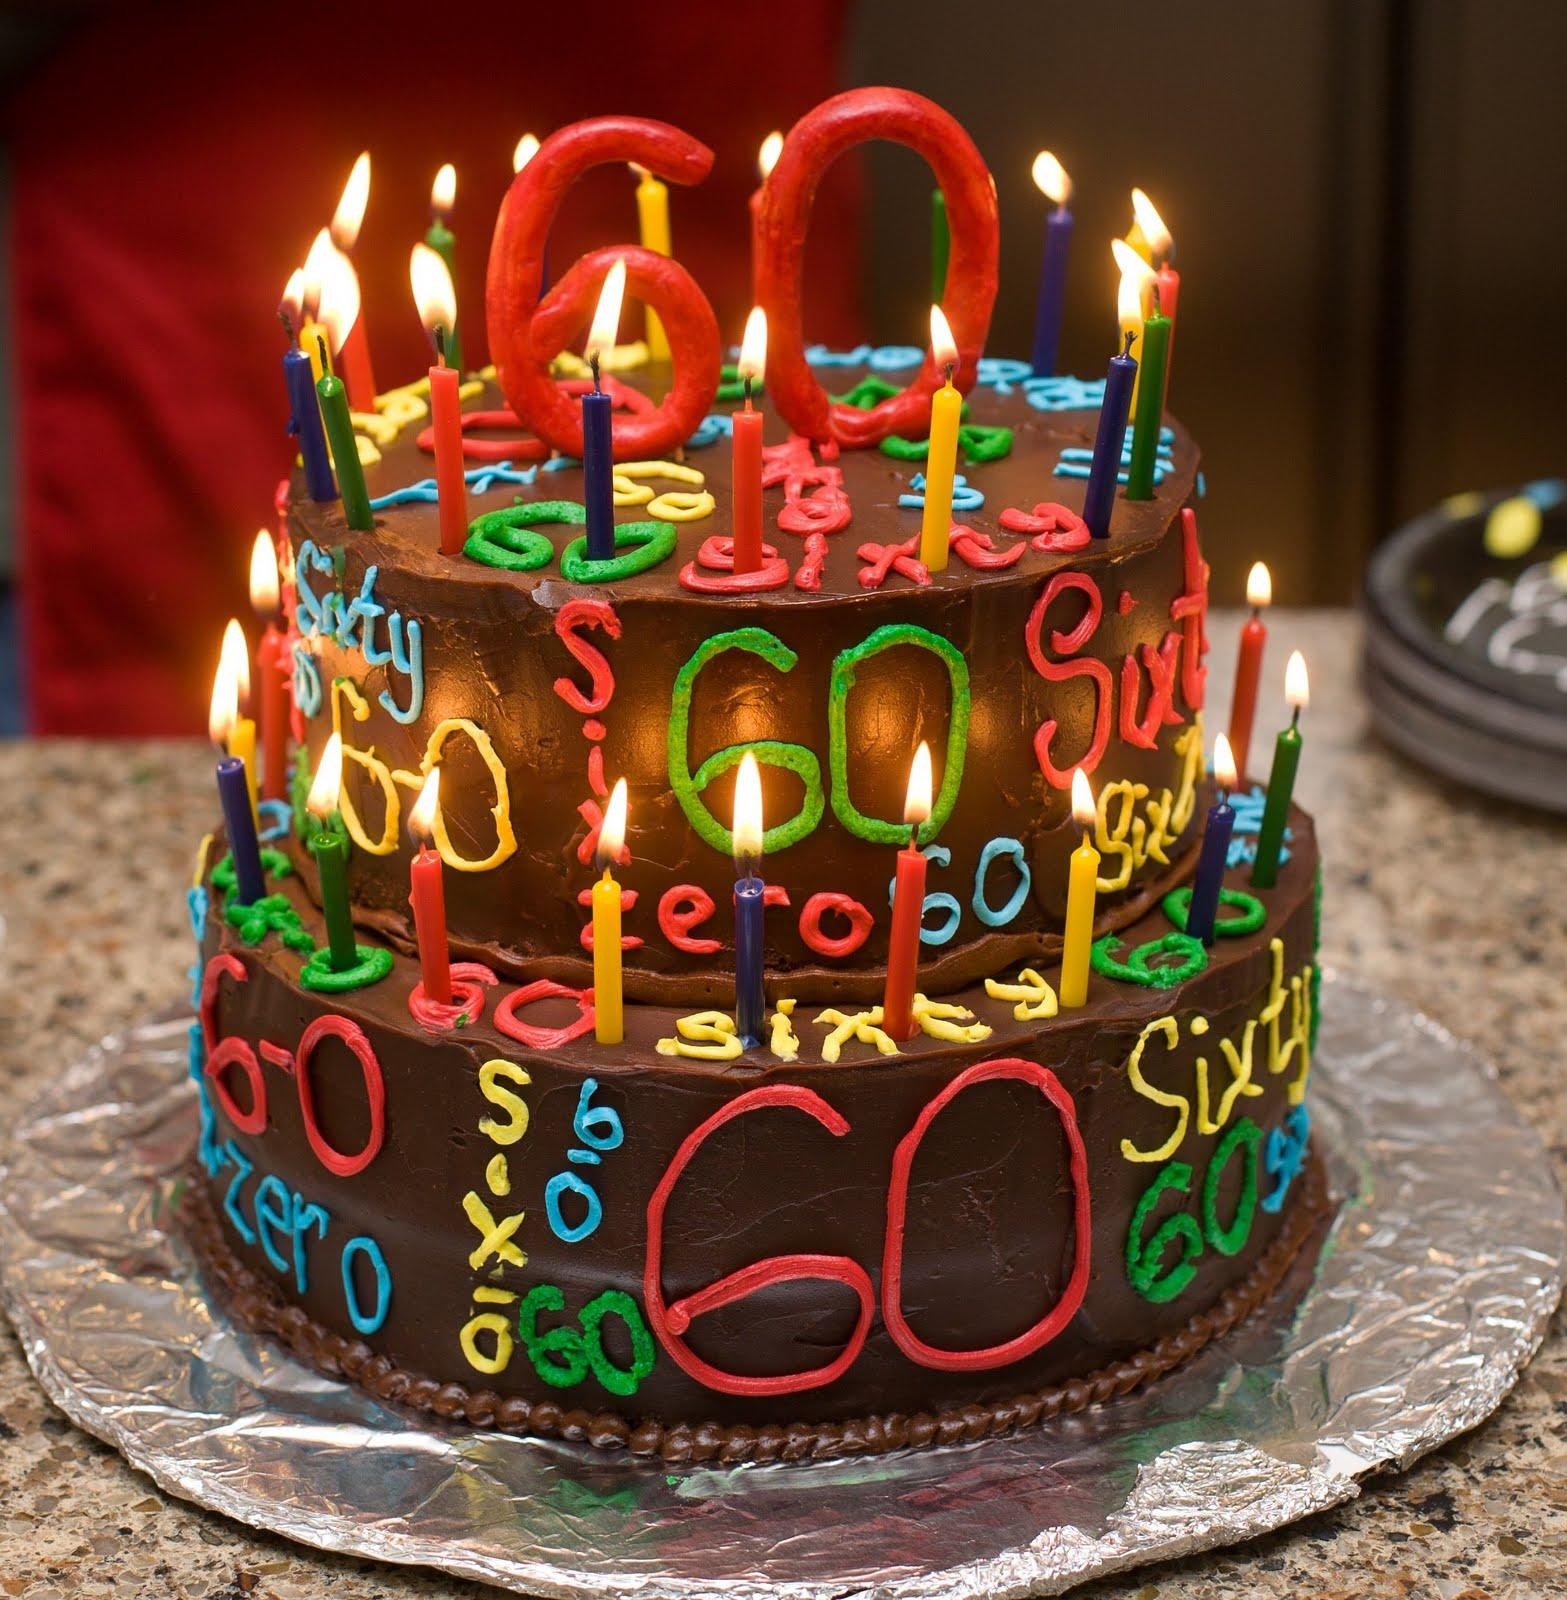 The Happy Caker Happy 60th Birthday